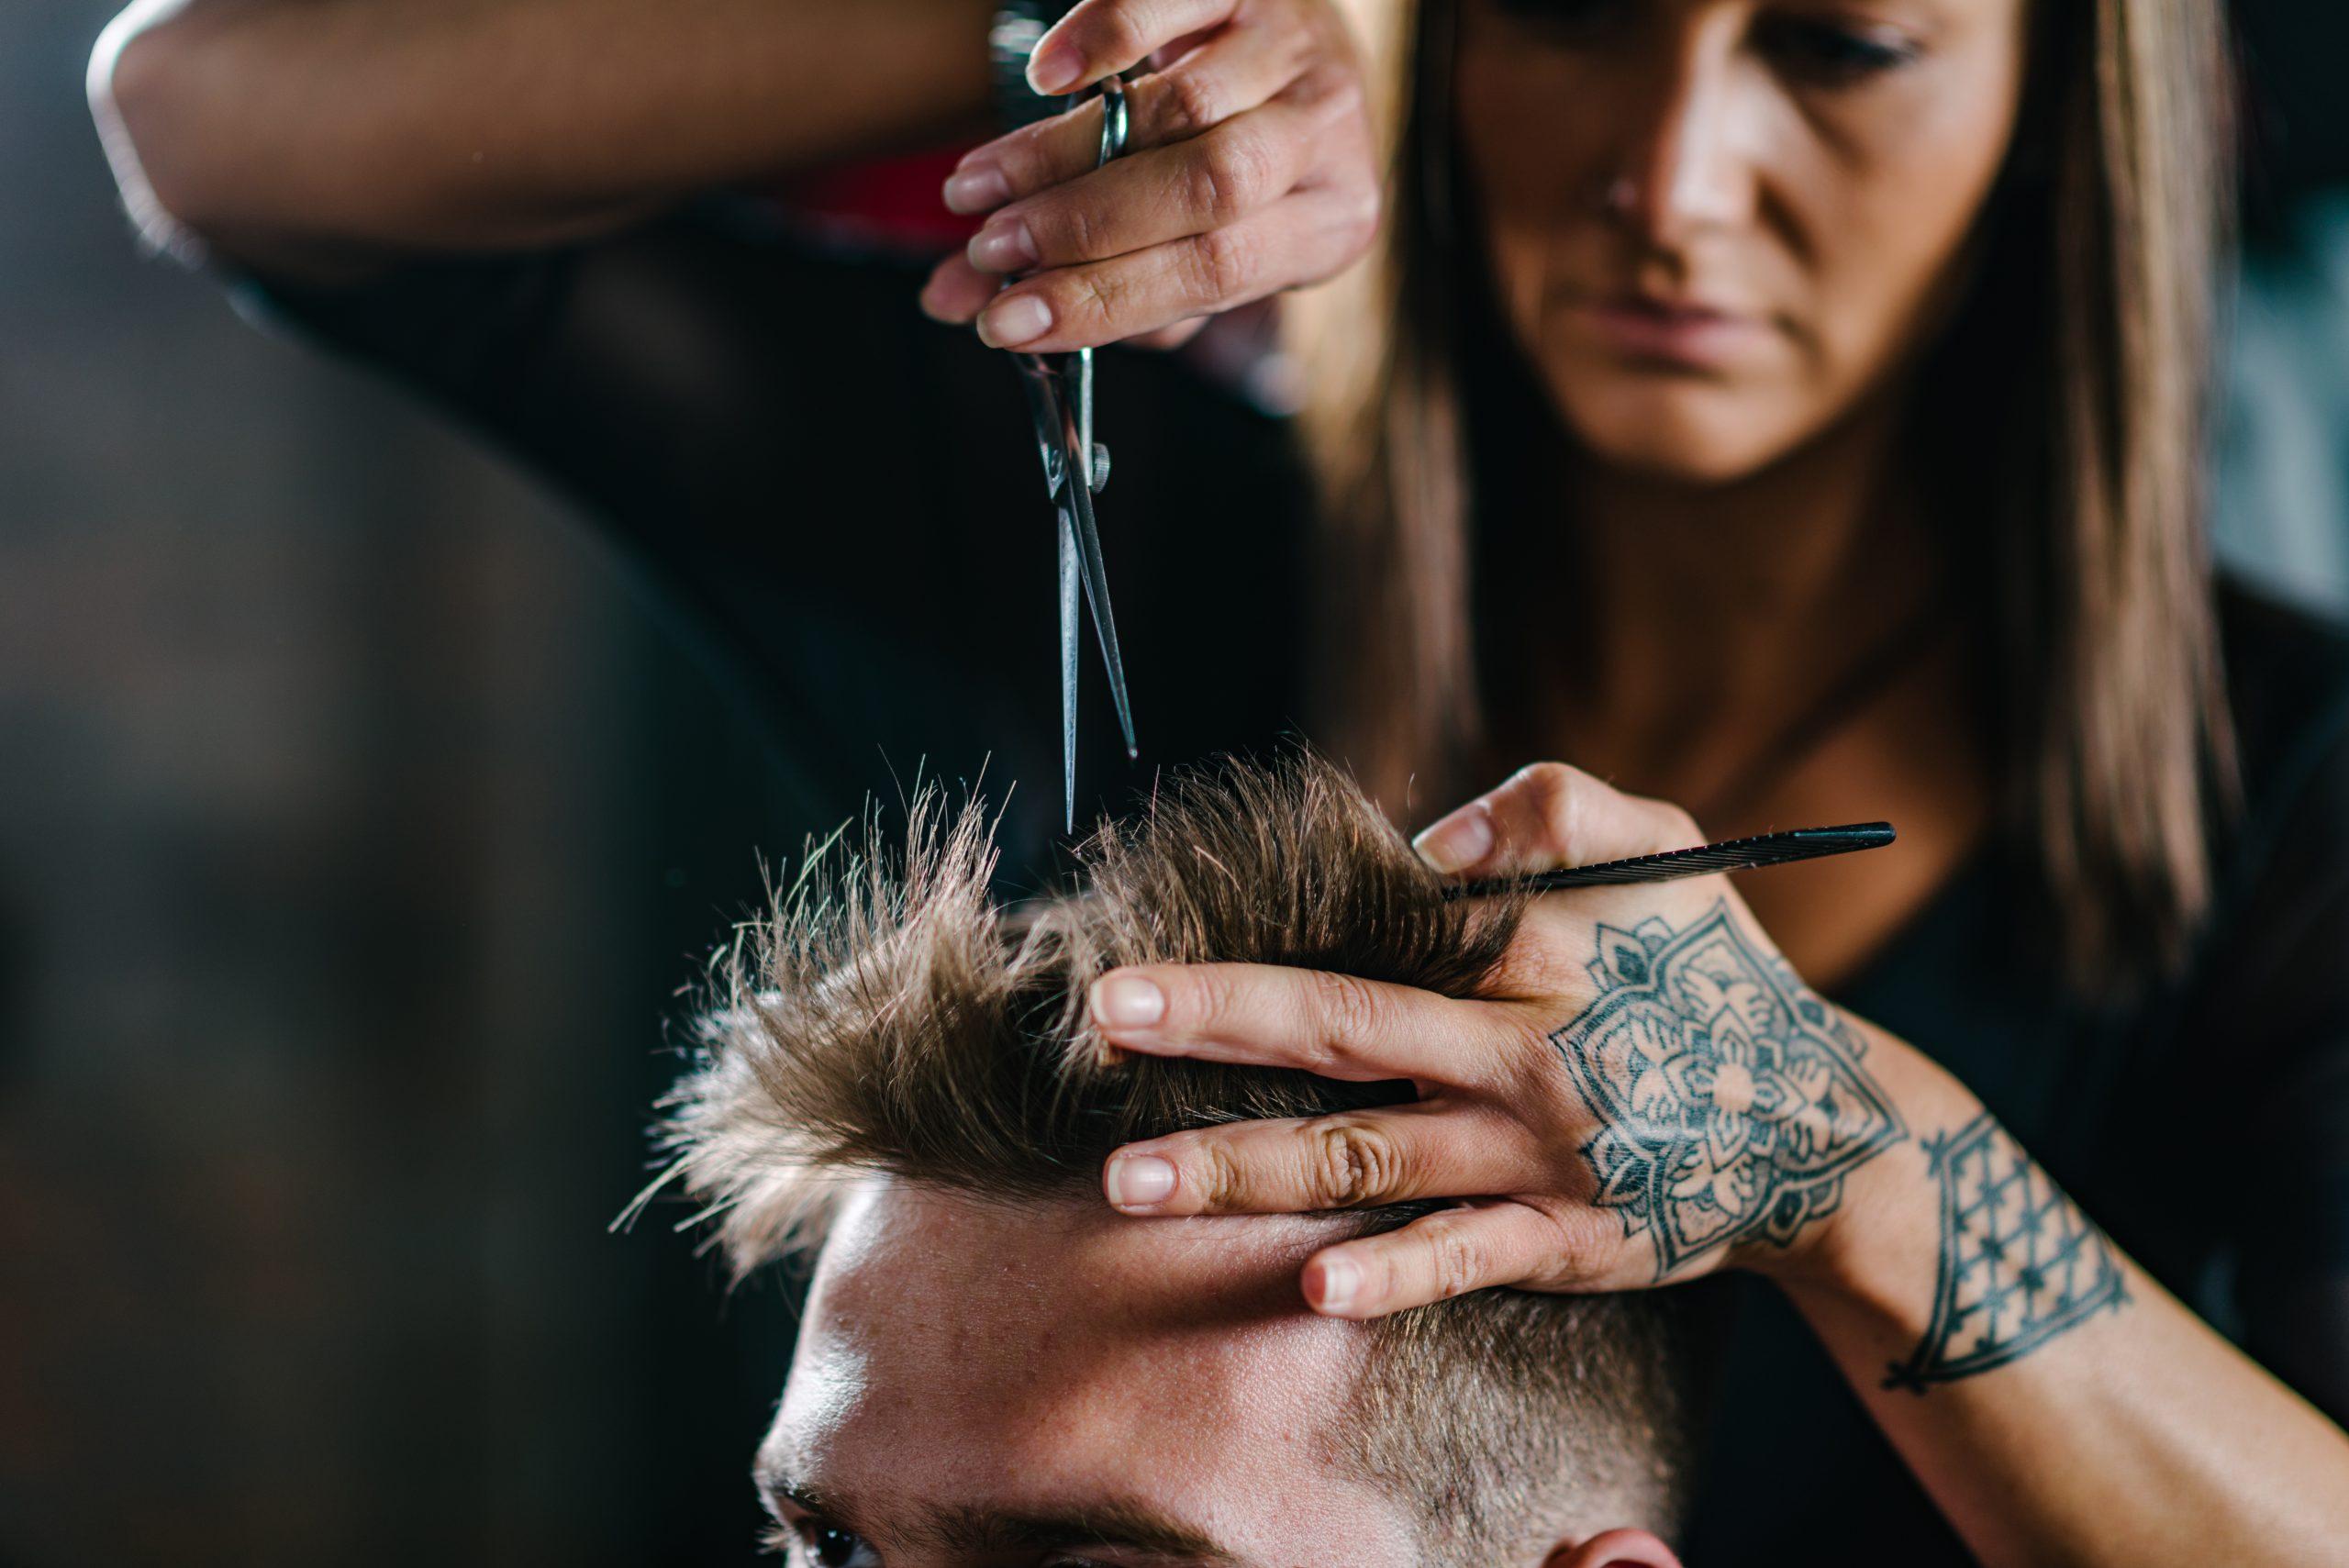 Person getting a haircut in a salon